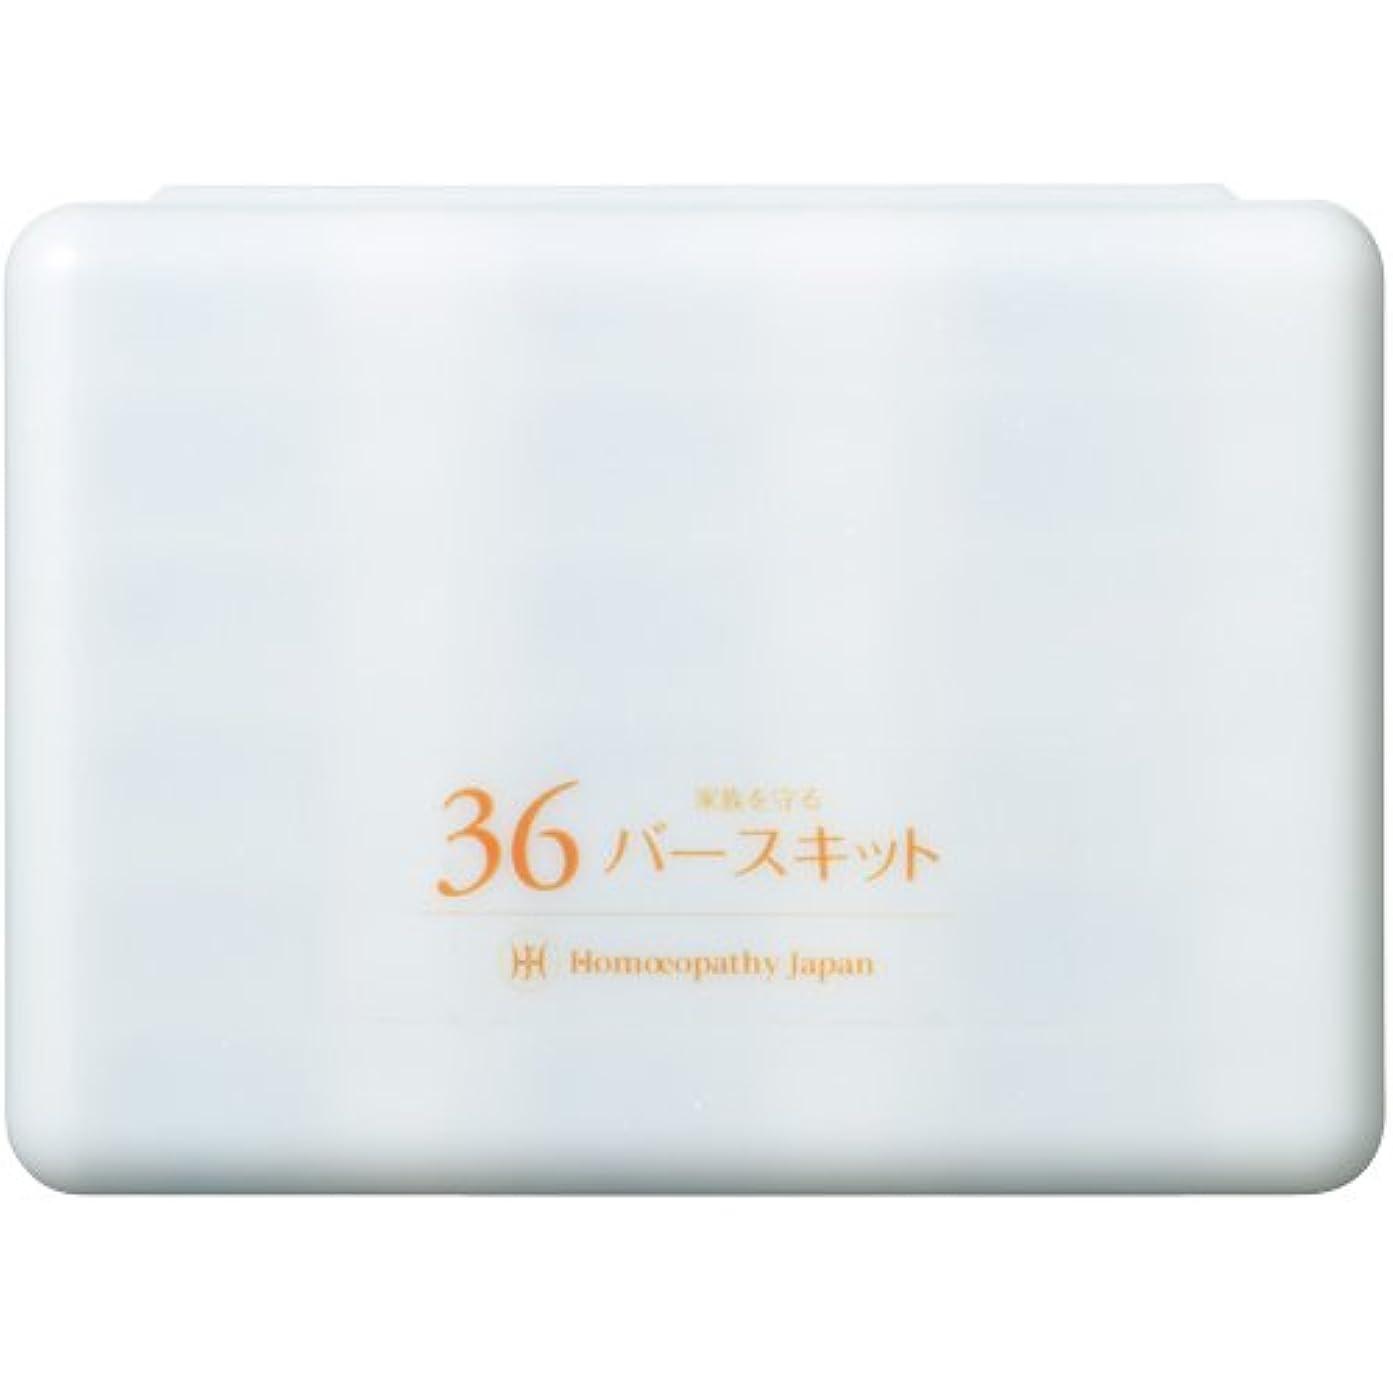 ホメオパシージャパンレメディー 36バースキット